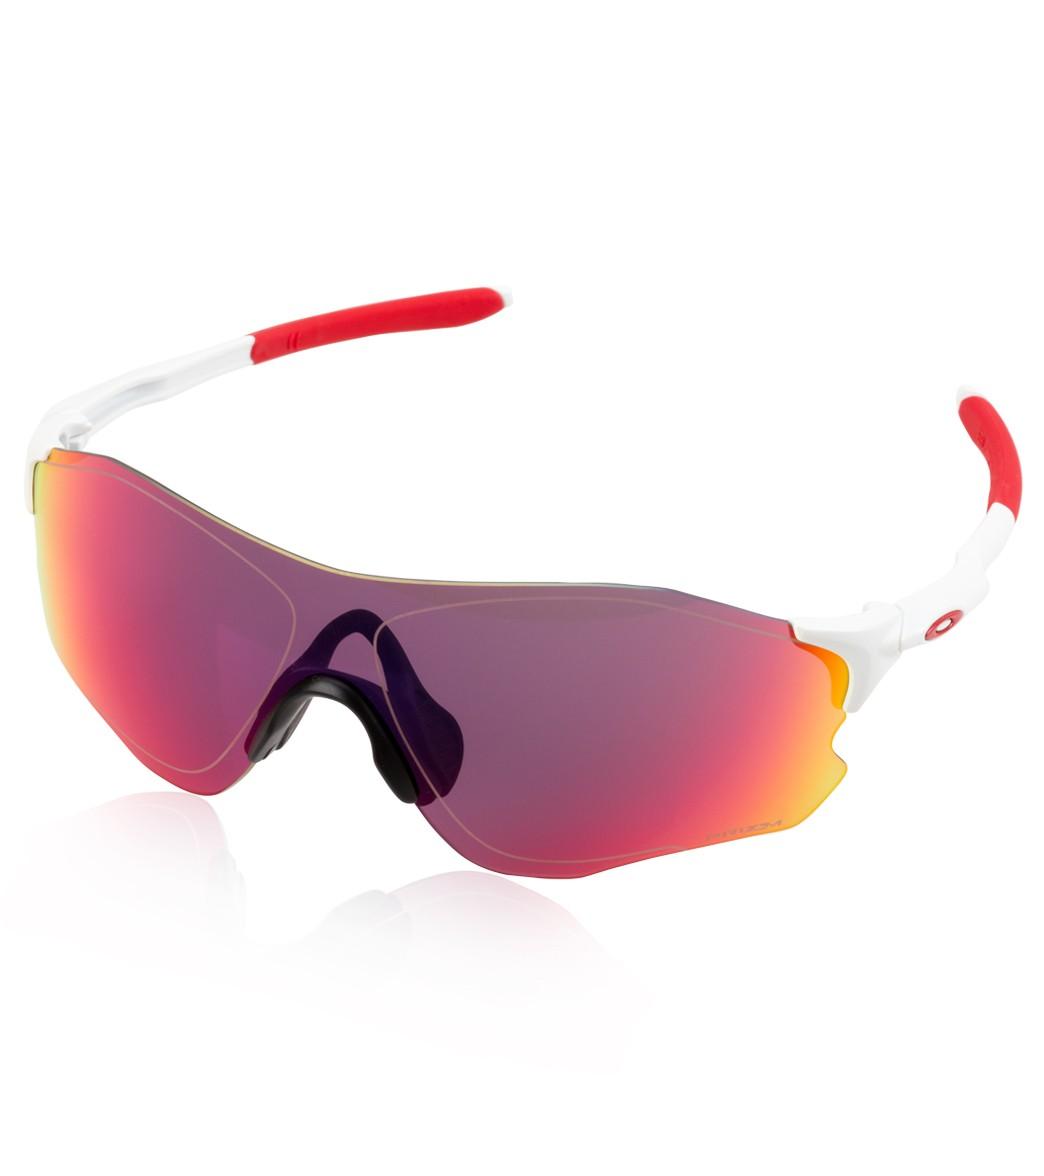 7616f8e633 Oakley EVZero Path Prizm Lens Sunglasses at SwimOutlet.com - Free Shipping